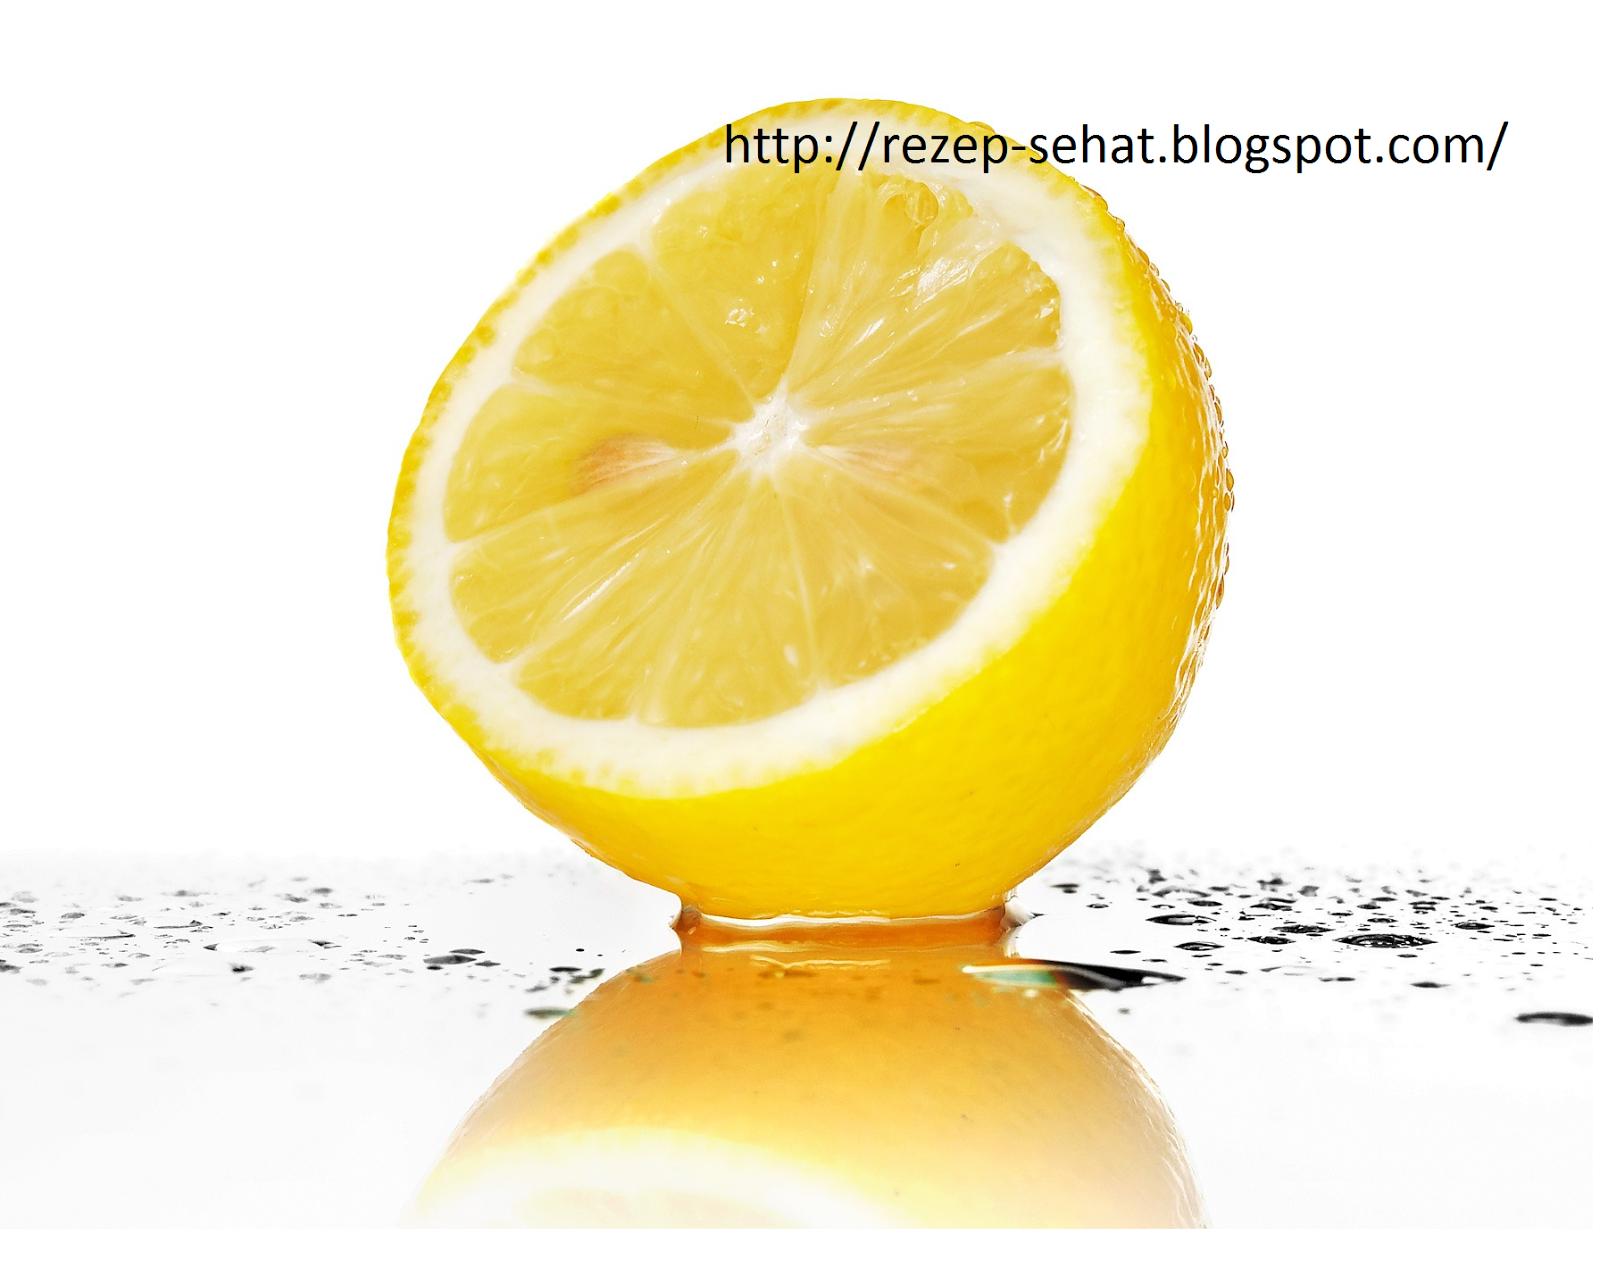 Lemon, Bahan alami untuk memutihkan kulit